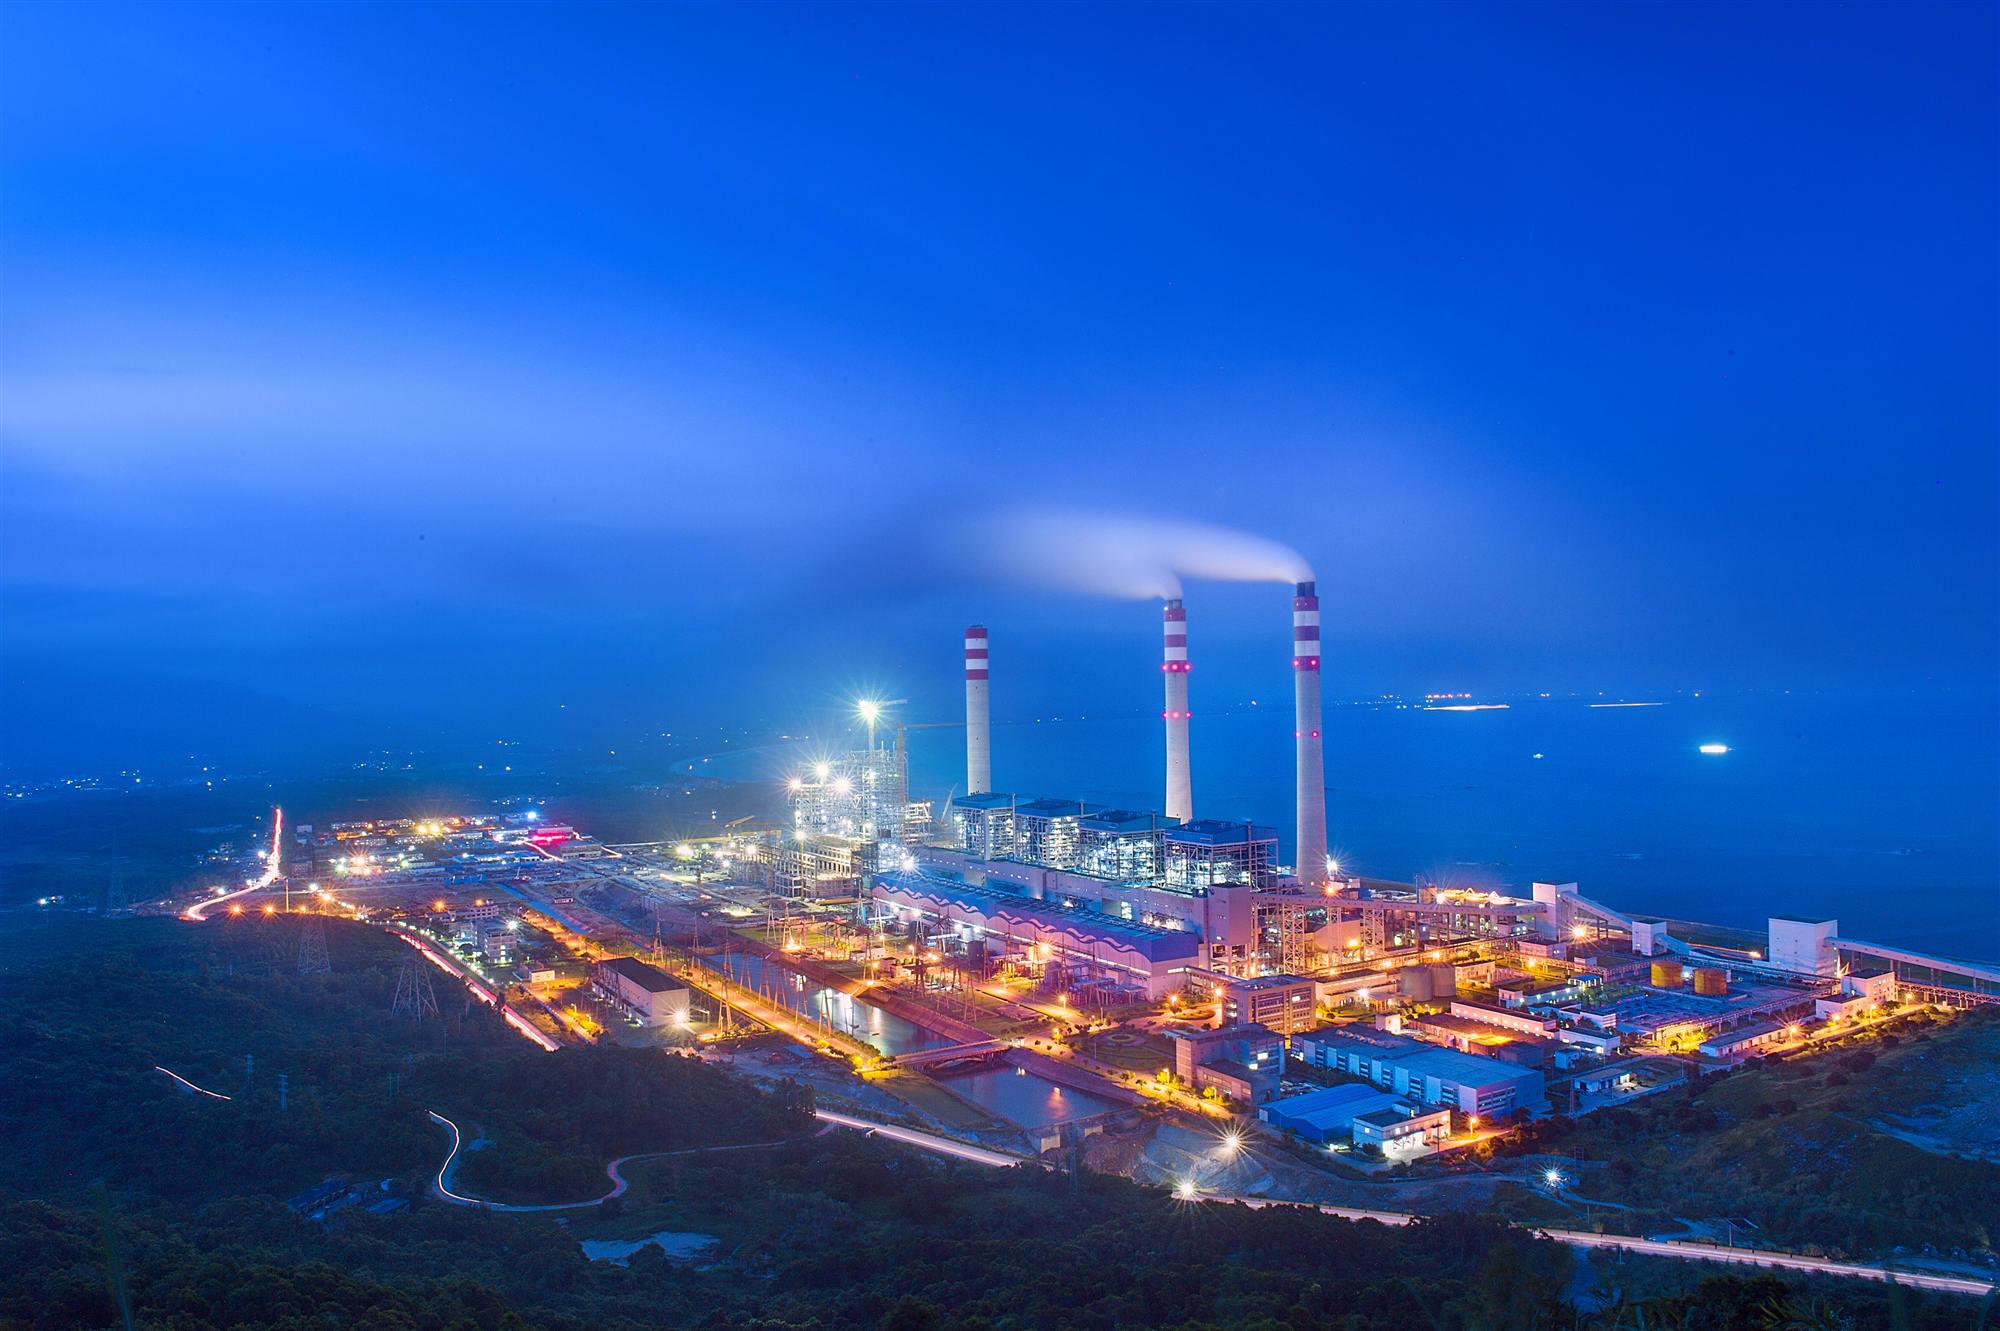 世界首个124万千瓦高效超超临界燃煤发电工程建成投产